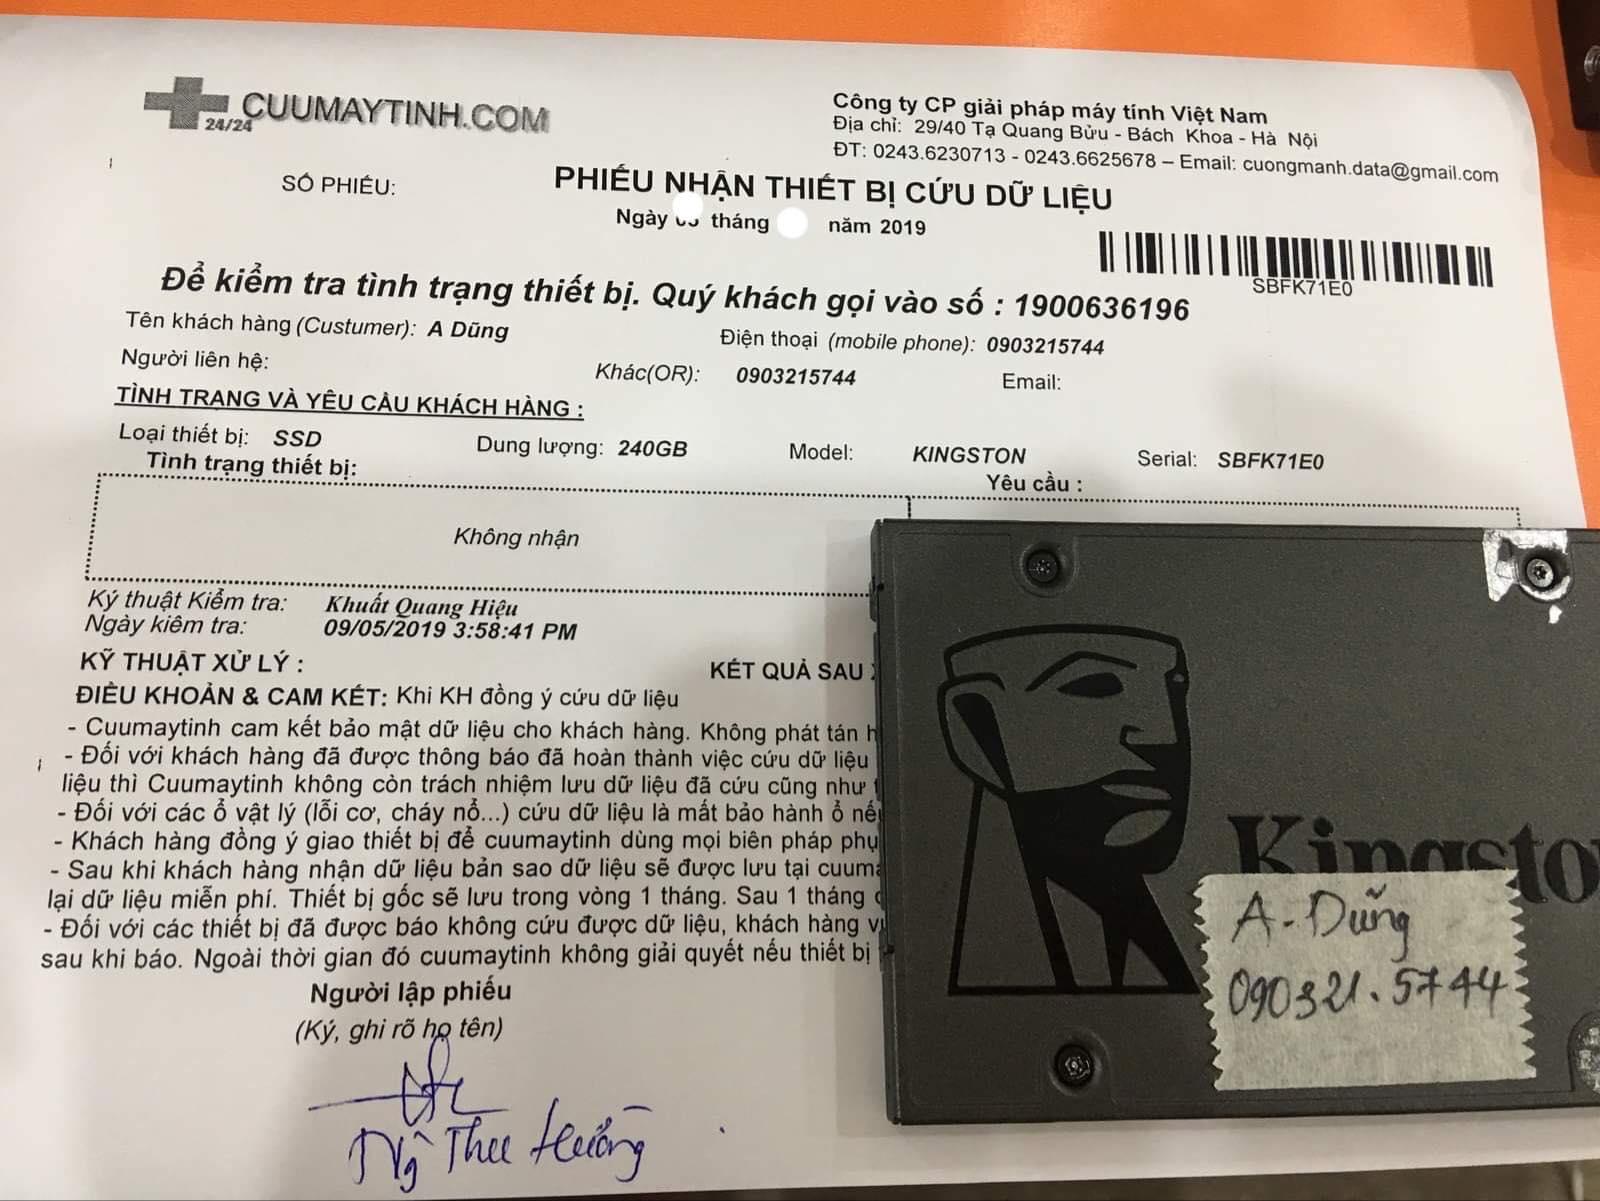 Cứu dữ liệu ổ cứng SSD Kingston 240GB không nhận 21/10/2019 - cuumaytinh